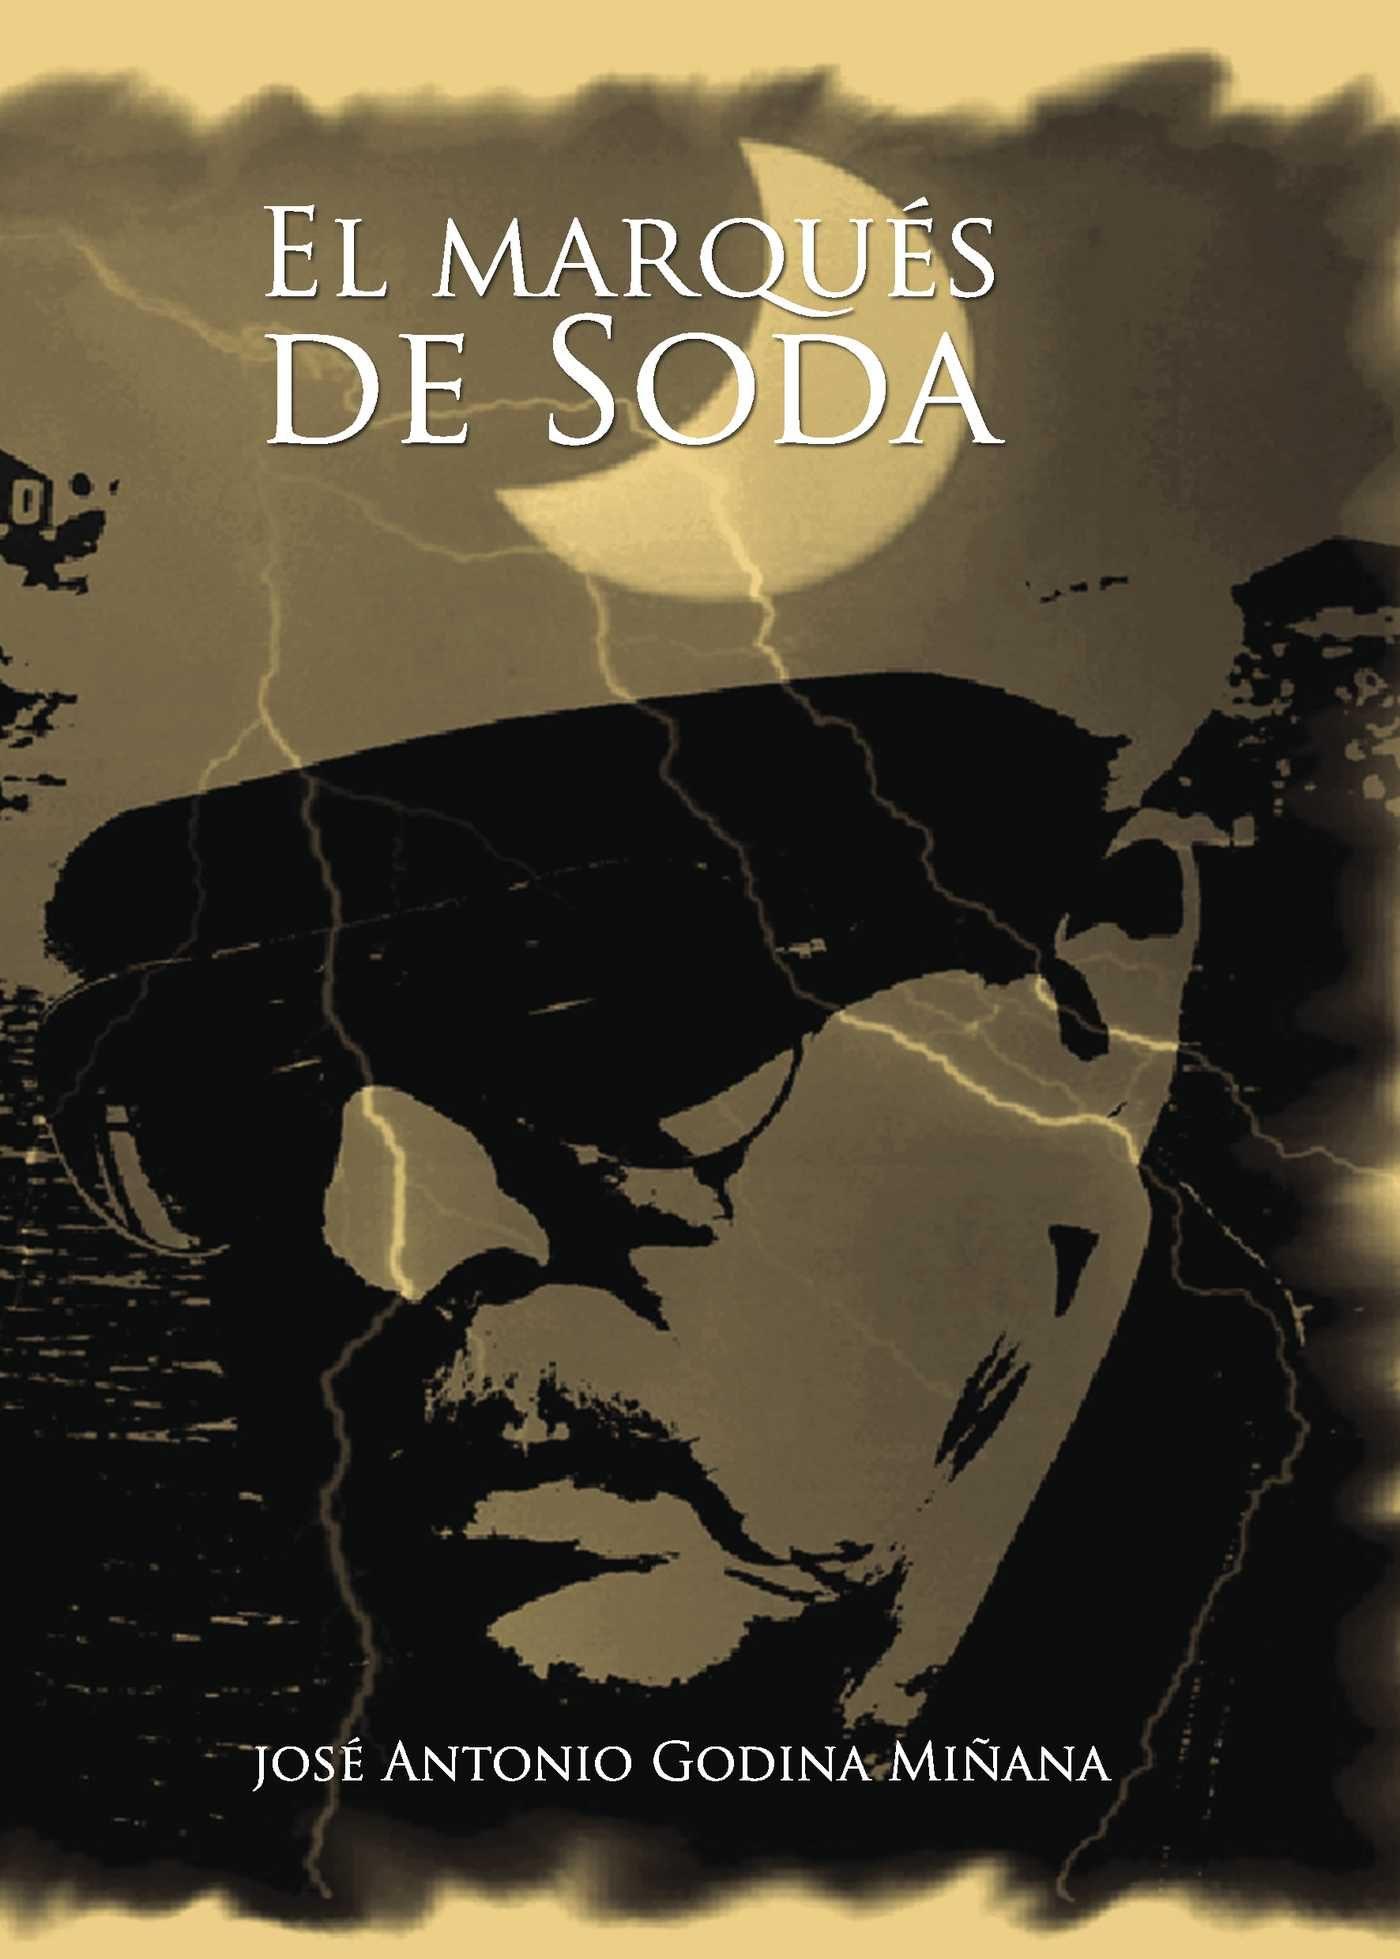 El marqués de Soda